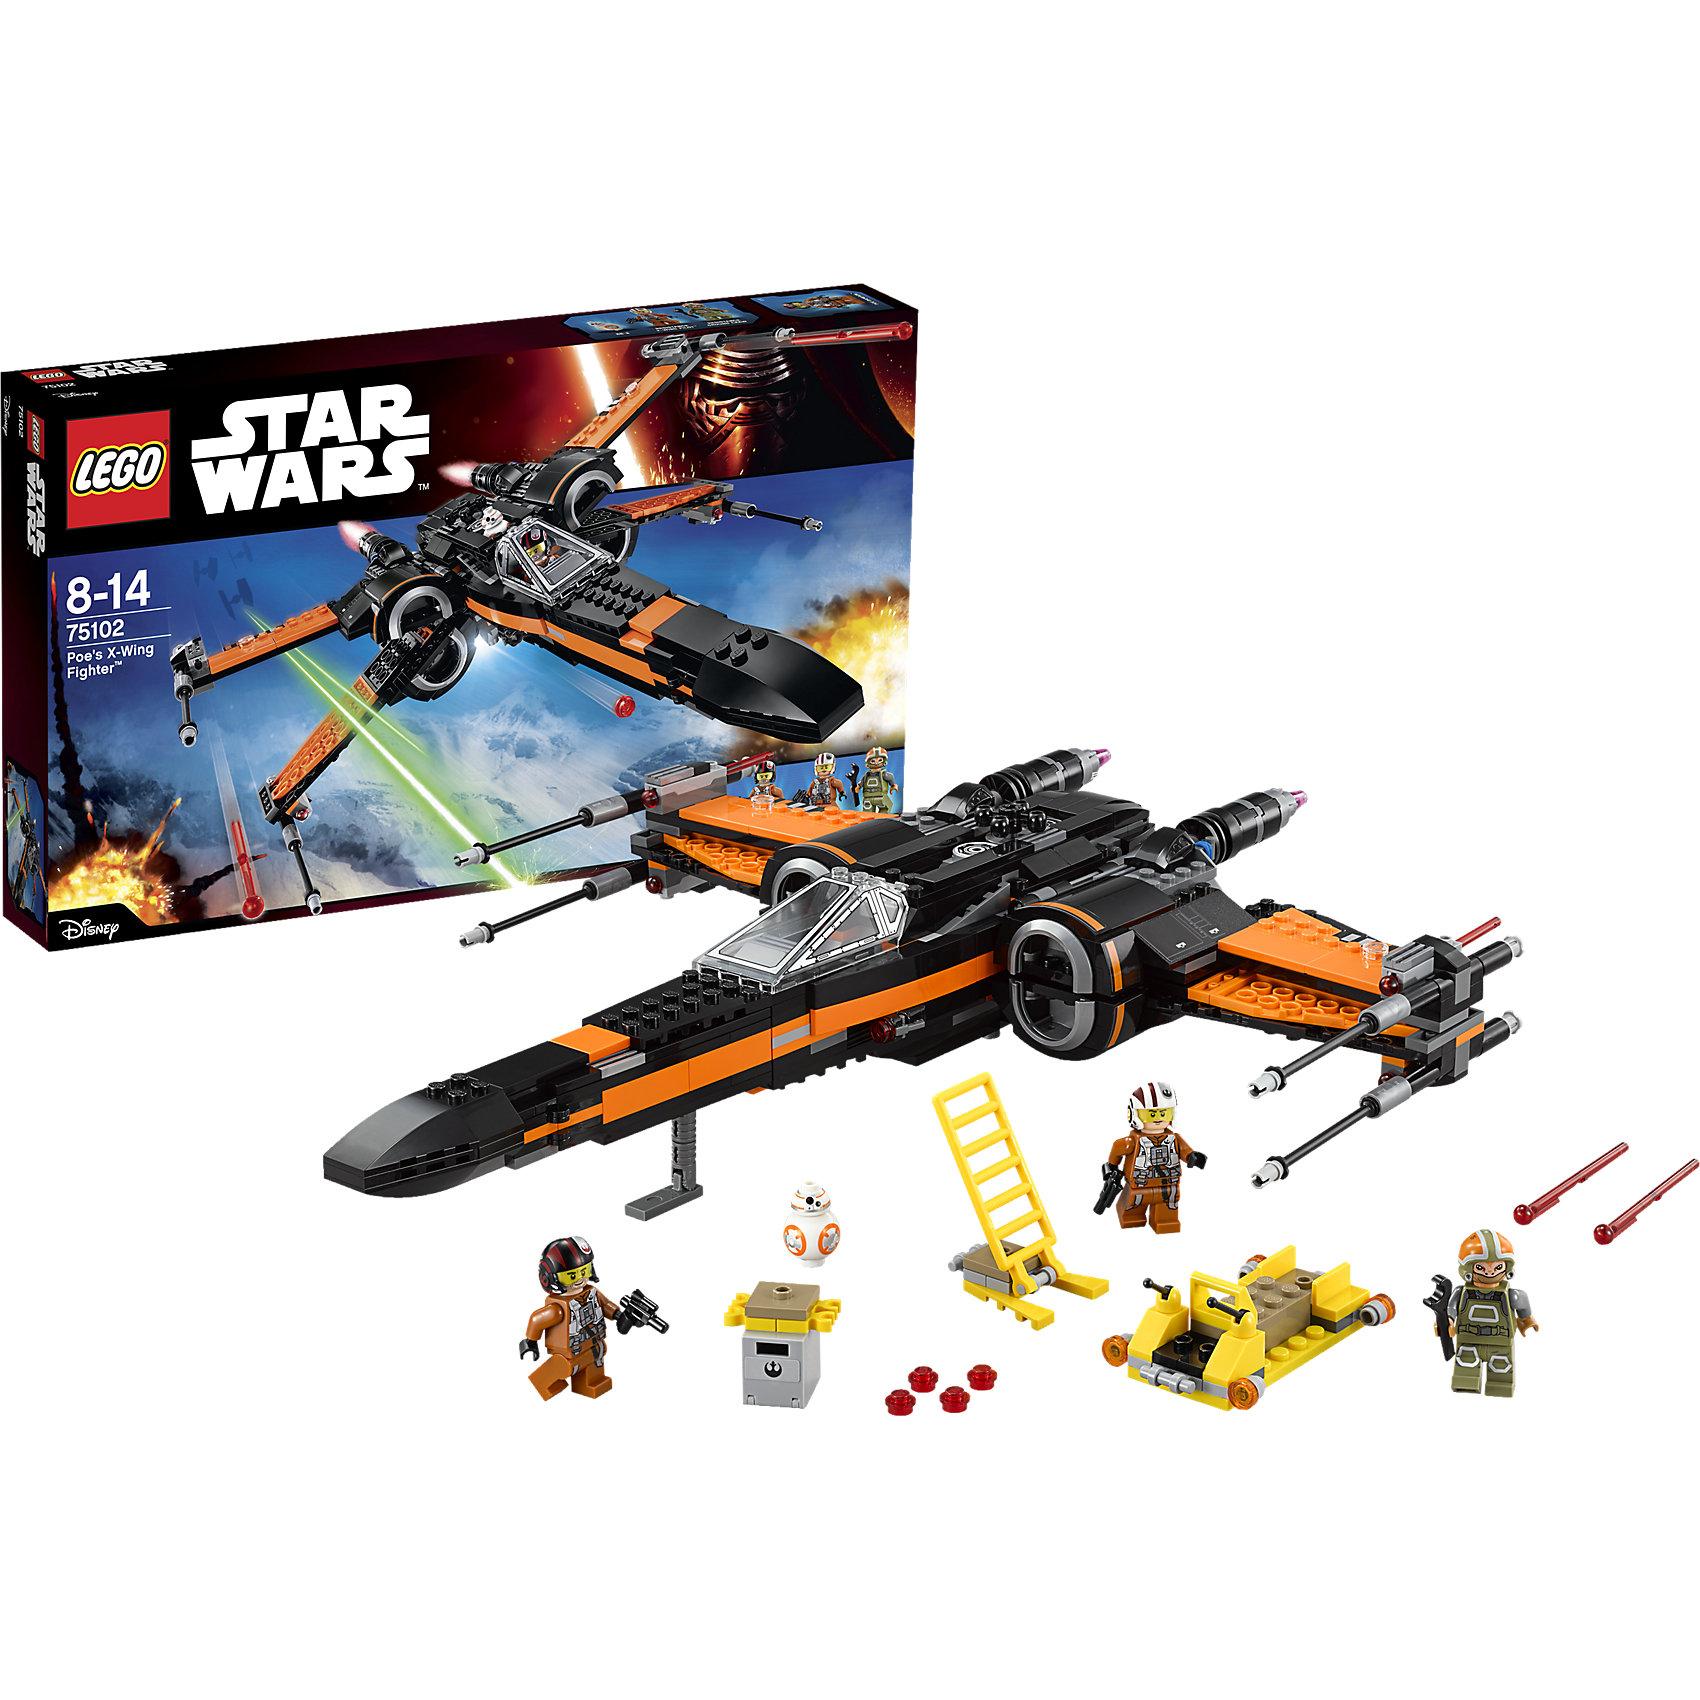 LEGO Star Wars 75102: Истребитель ПоПластмассовые конструкторы<br>LEGO Star Wars (ЛЕГО Звездные Войны) 75102: Истребитель По обладает огромной разрушительной силой и невероятной маневренностью, он оснащен: 6 различными пушками, выдвижным механизмом посадки, раскрывающимися крыльями, открывающейся кабиной, где можно разместить минифигурку и дроида-астромеханика BB-8. Кроме того, к межгалактическому звездолету прилагается устройство для зарядки пушек, оружейная стойка, дополнительные ракеты и боеприпасы, а также кресло пилота для минифигурки.<br><br>Комплектация: 717 деталей, 3 минифигурки: По Дэмерон, наземная команда Повстанцев, пилот истребителя Повстанцев, дроид-астромеханик BB-8<br><br>Дополнительная информация:<br>-Серия: Звездные войны<br>-Размер в упаковке: 4,8х61х28,2 см<br>-Вес в упаковке: 1,2 кг<br>-Количество деталей: 717 шт.<br>-Материалы: пластик<br><br>Сразись с силами Первого Порядка вместе с героем По Дэмероном, отражай атаки вражеских кораблей, участвуй в захватывающих приключениях Звездных войн!<br><br>LEGO Star Wars (ЛЕГО Звездные Войны) 75102: Истребитель По можно купить в нашем магазине.<br><br>Ширина мм: 482<br>Глубина мм: 278<br>Высота мм: 69<br>Вес г: 1058<br>Возраст от месяцев: 84<br>Возраст до месяцев: 144<br>Пол: Мужской<br>Возраст: Детский<br>SKU: 4047425